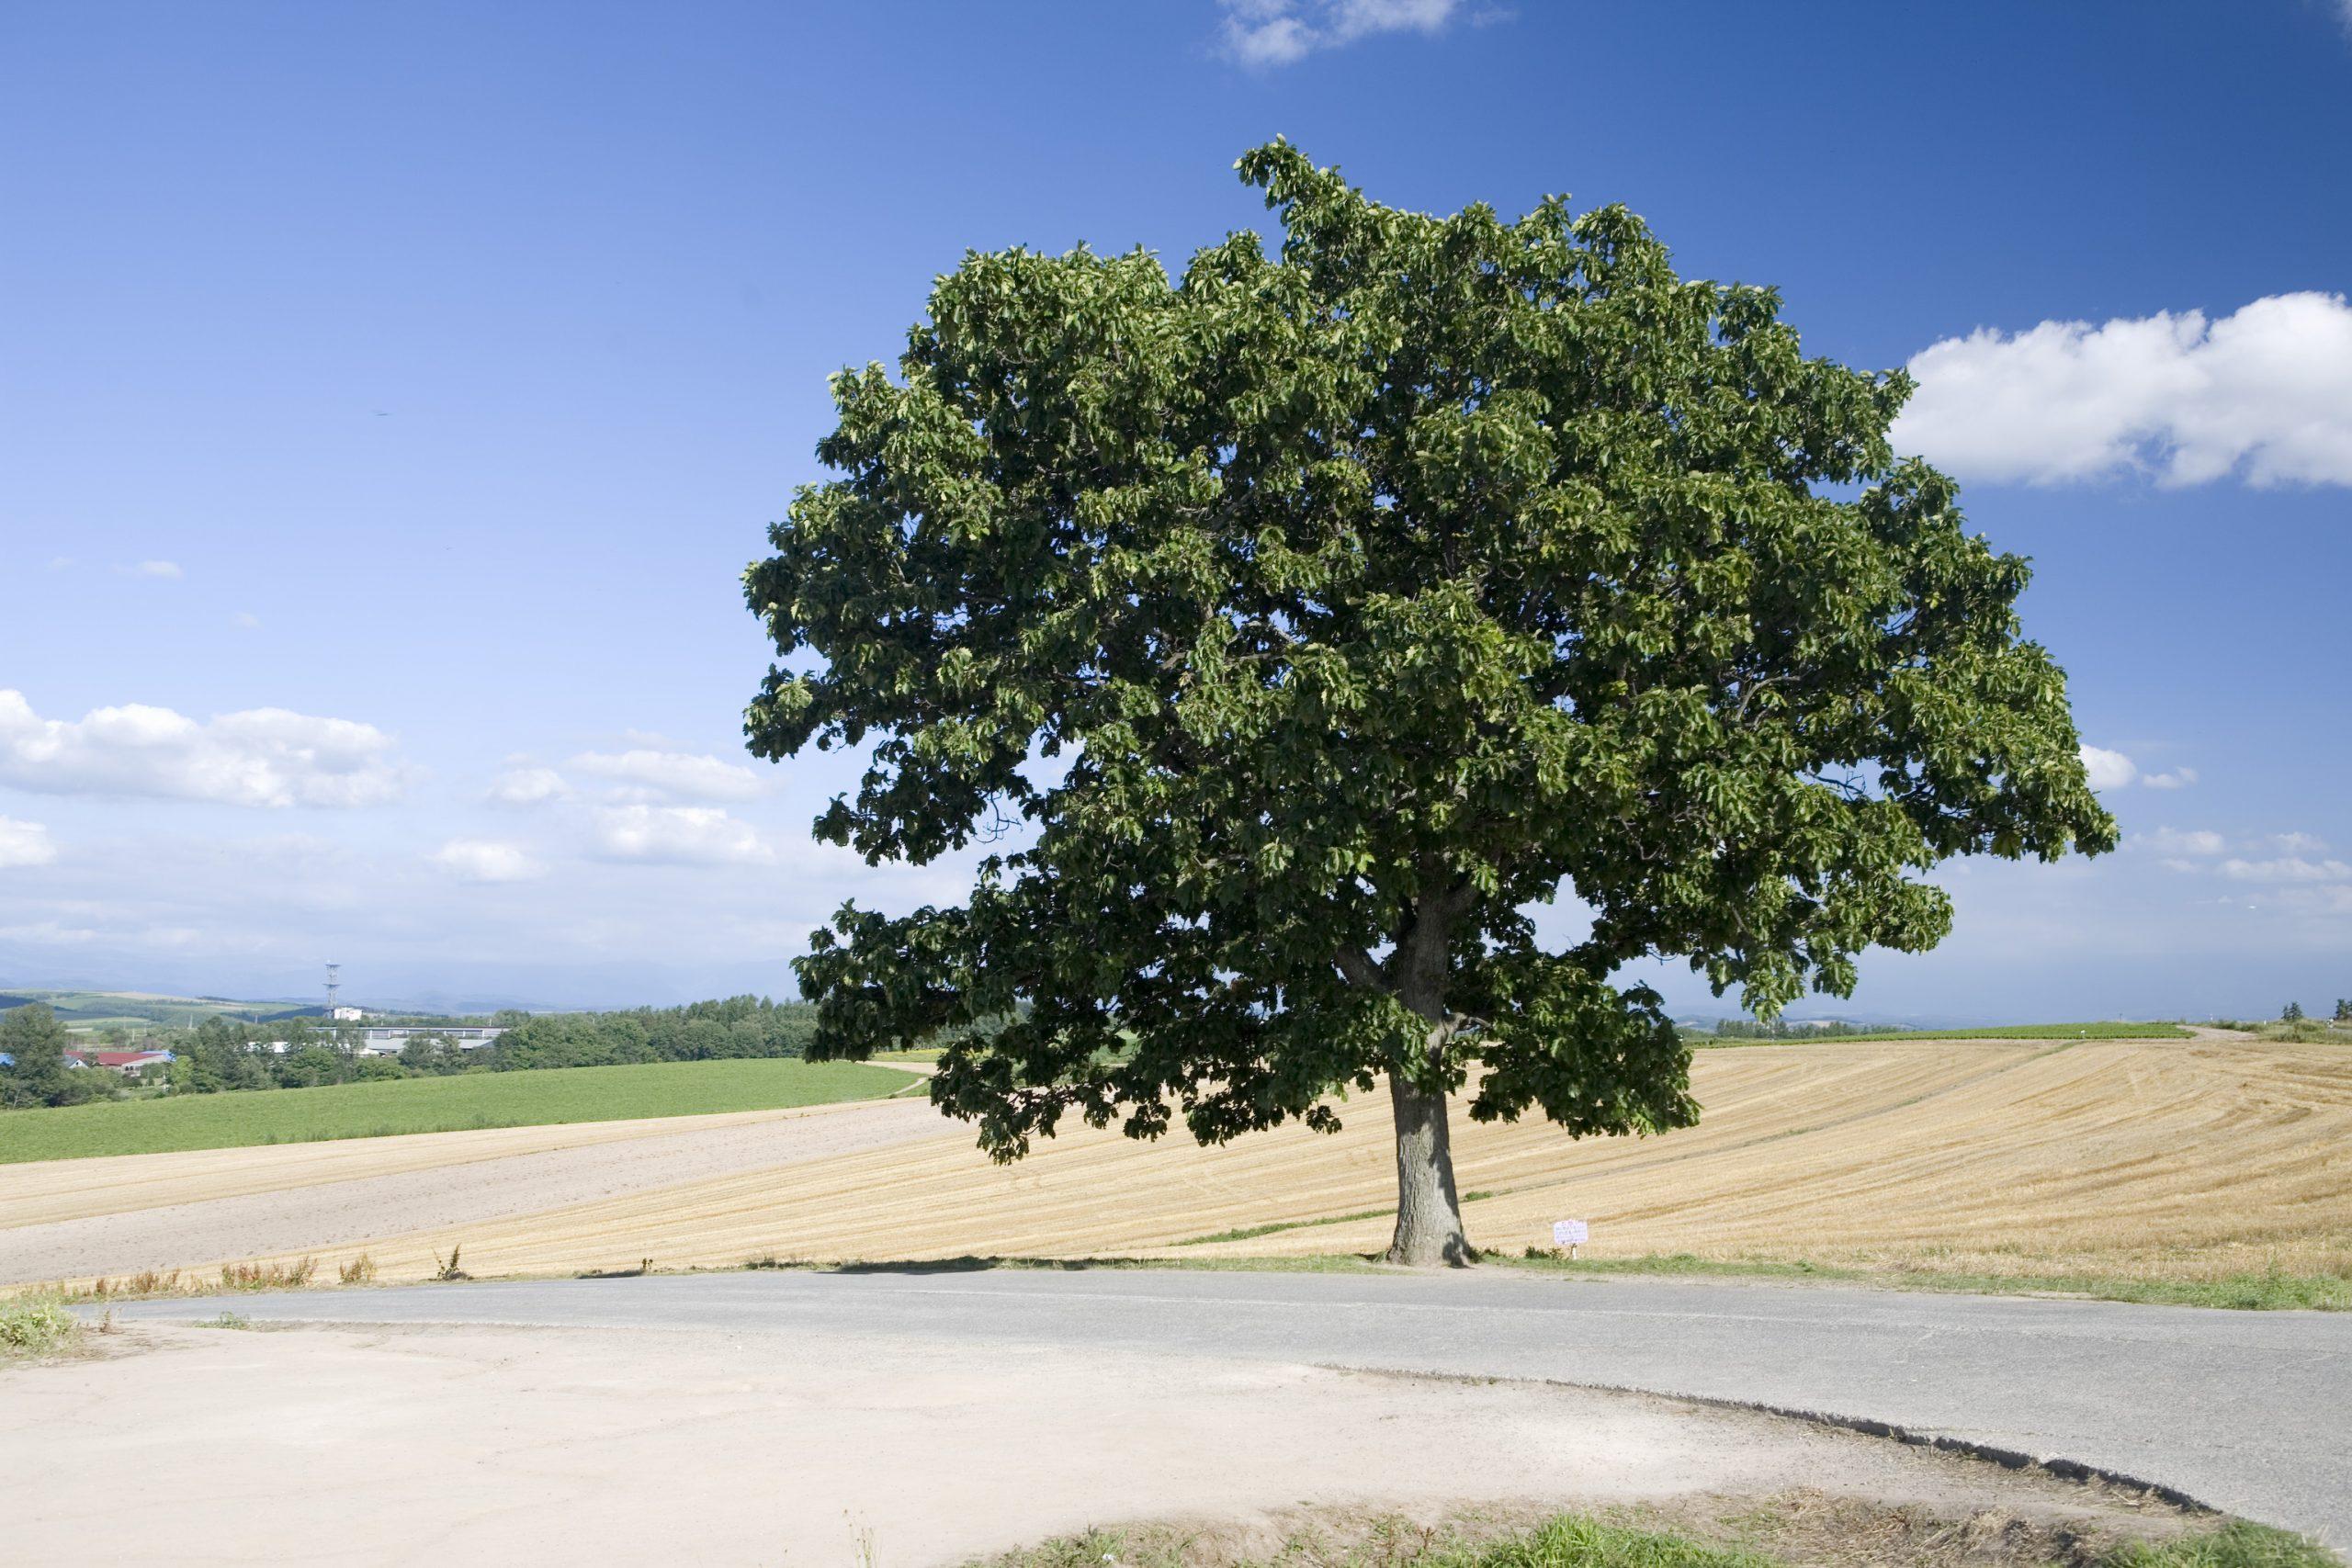 角度を変えてセブンスターの木